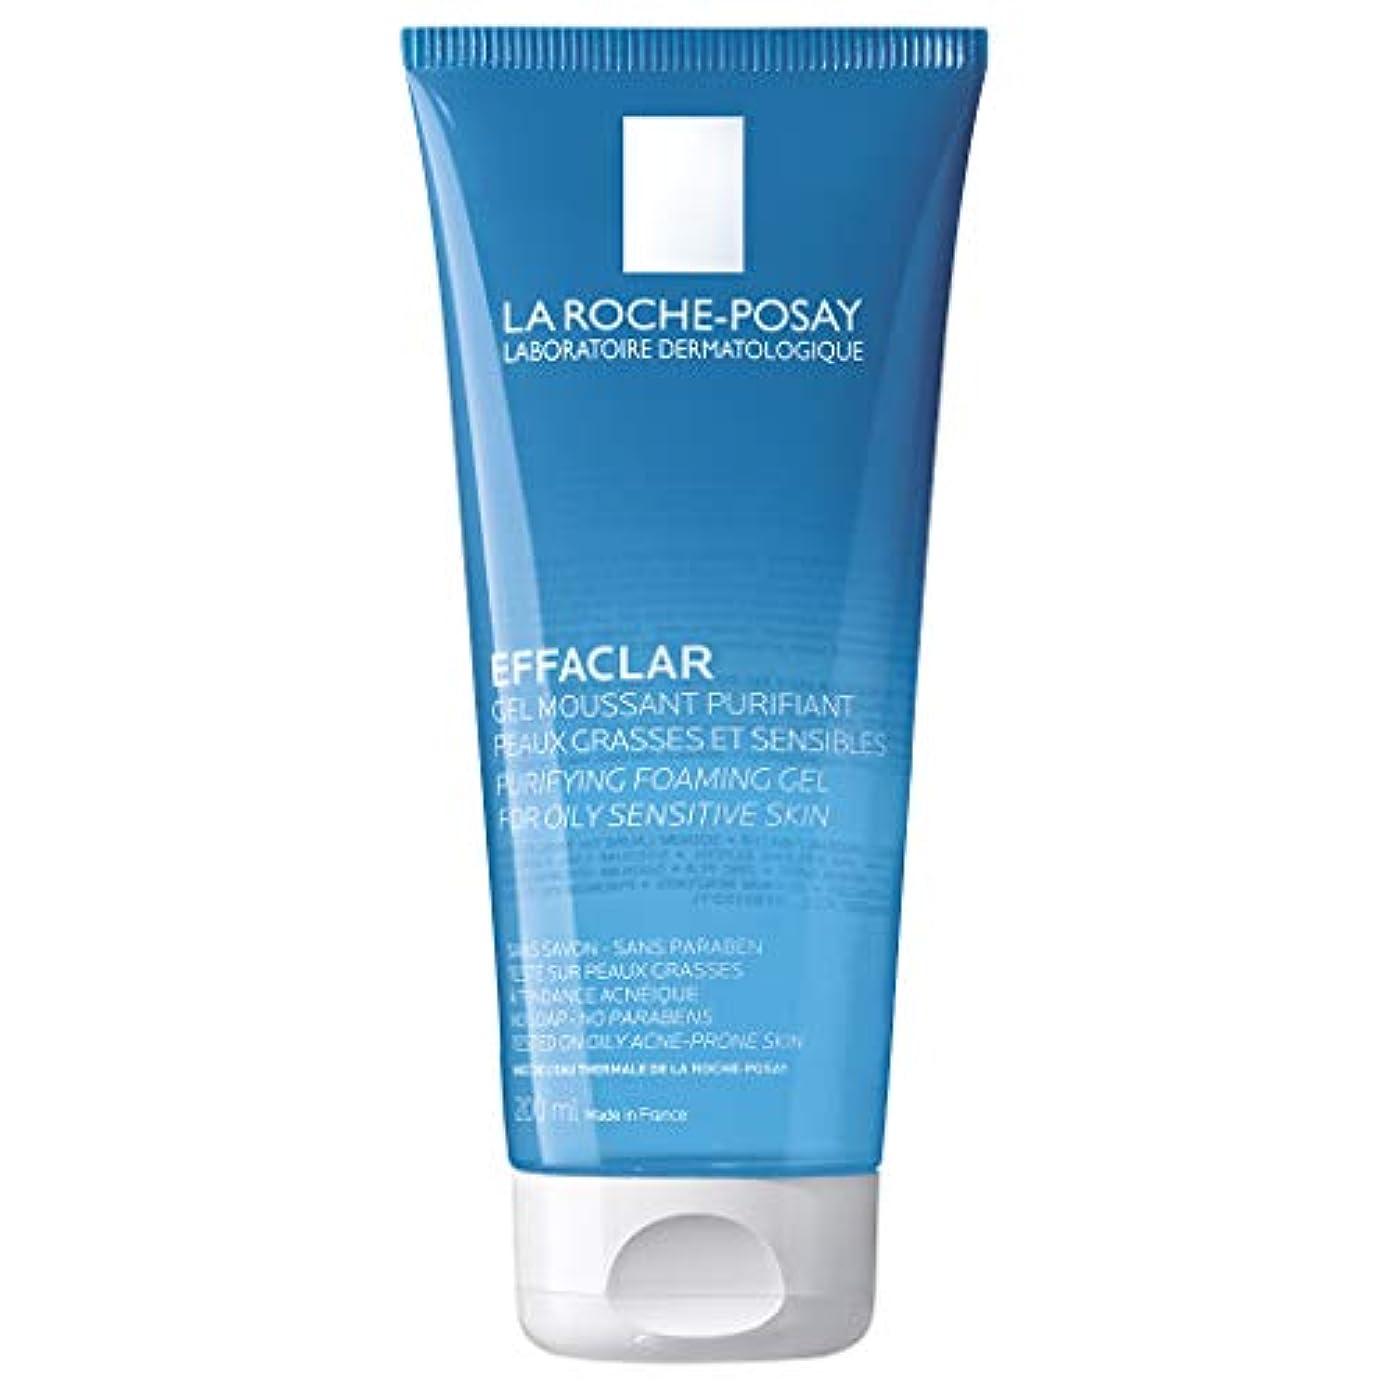 再編成する顕著ドアミラー[ラロシュ布製] エファクラ 脂性肌のためのピュリファイングフォーミングジェルクレンザー 200ml / La Roche-Posay Effaclar Purifying Foaming Gel Cleanser for...